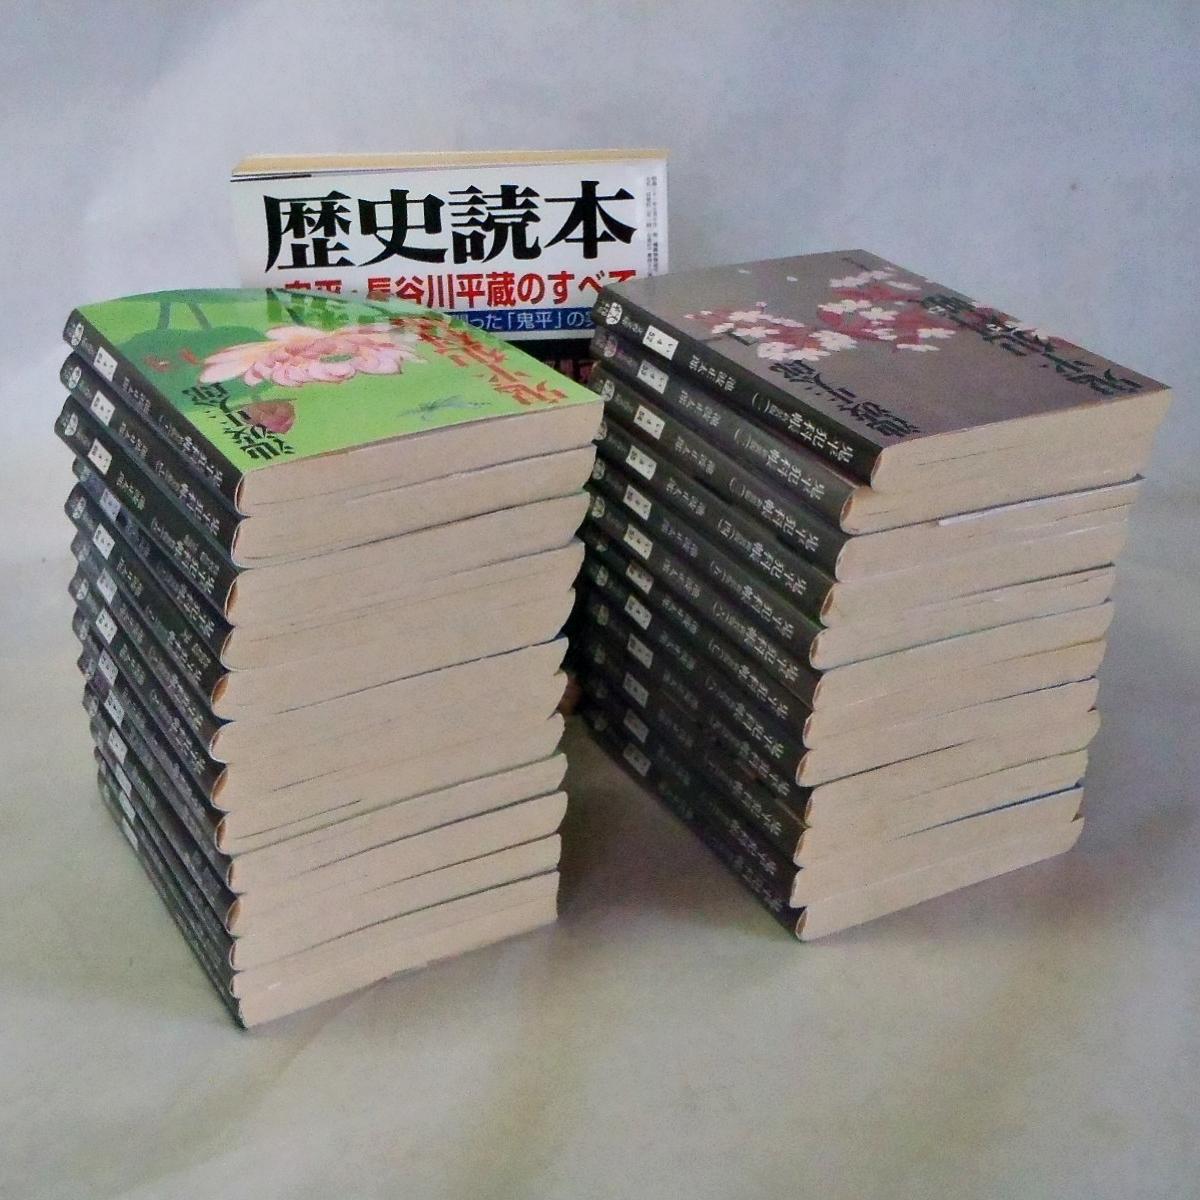 池波正太郎 時代小説文庫版二十五冊と歴史読本 送料込 _30